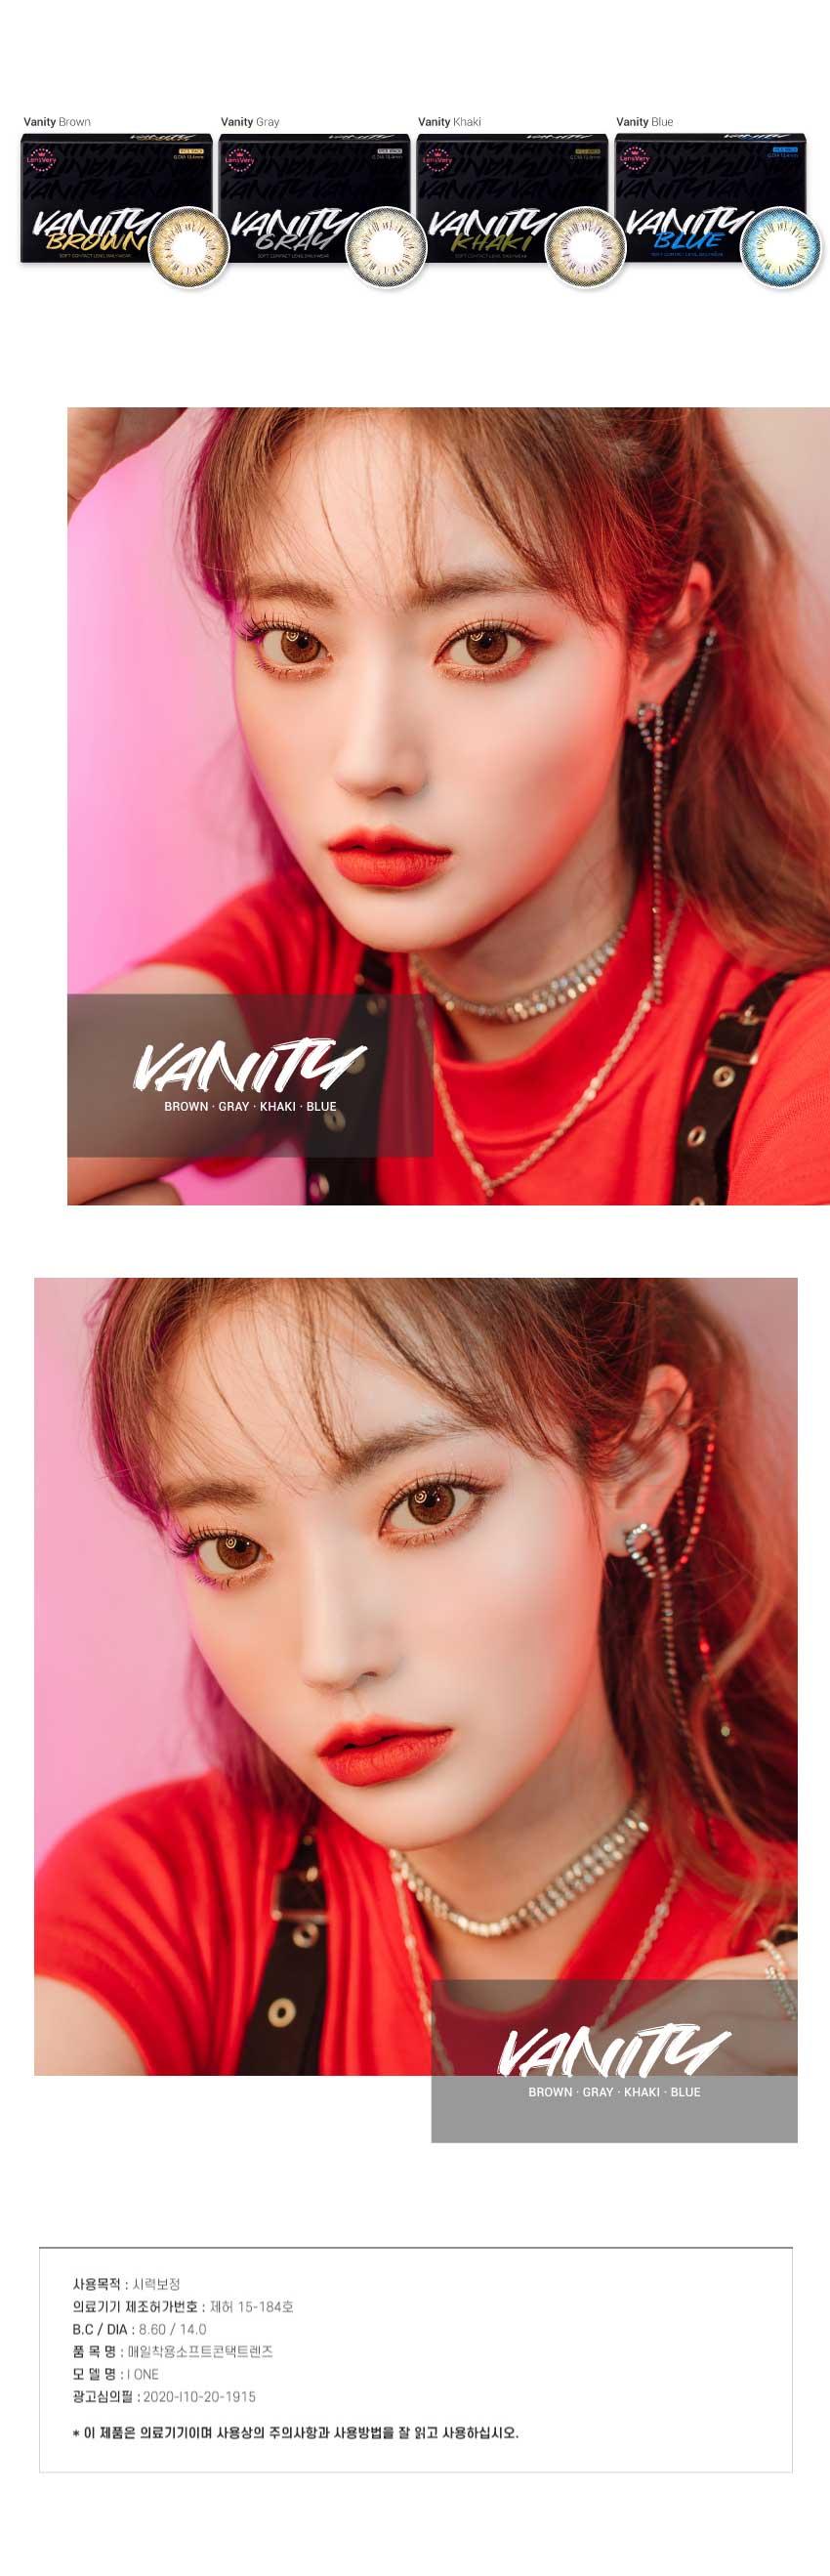 vanity-khaki-circle-lenses0-22.jpg